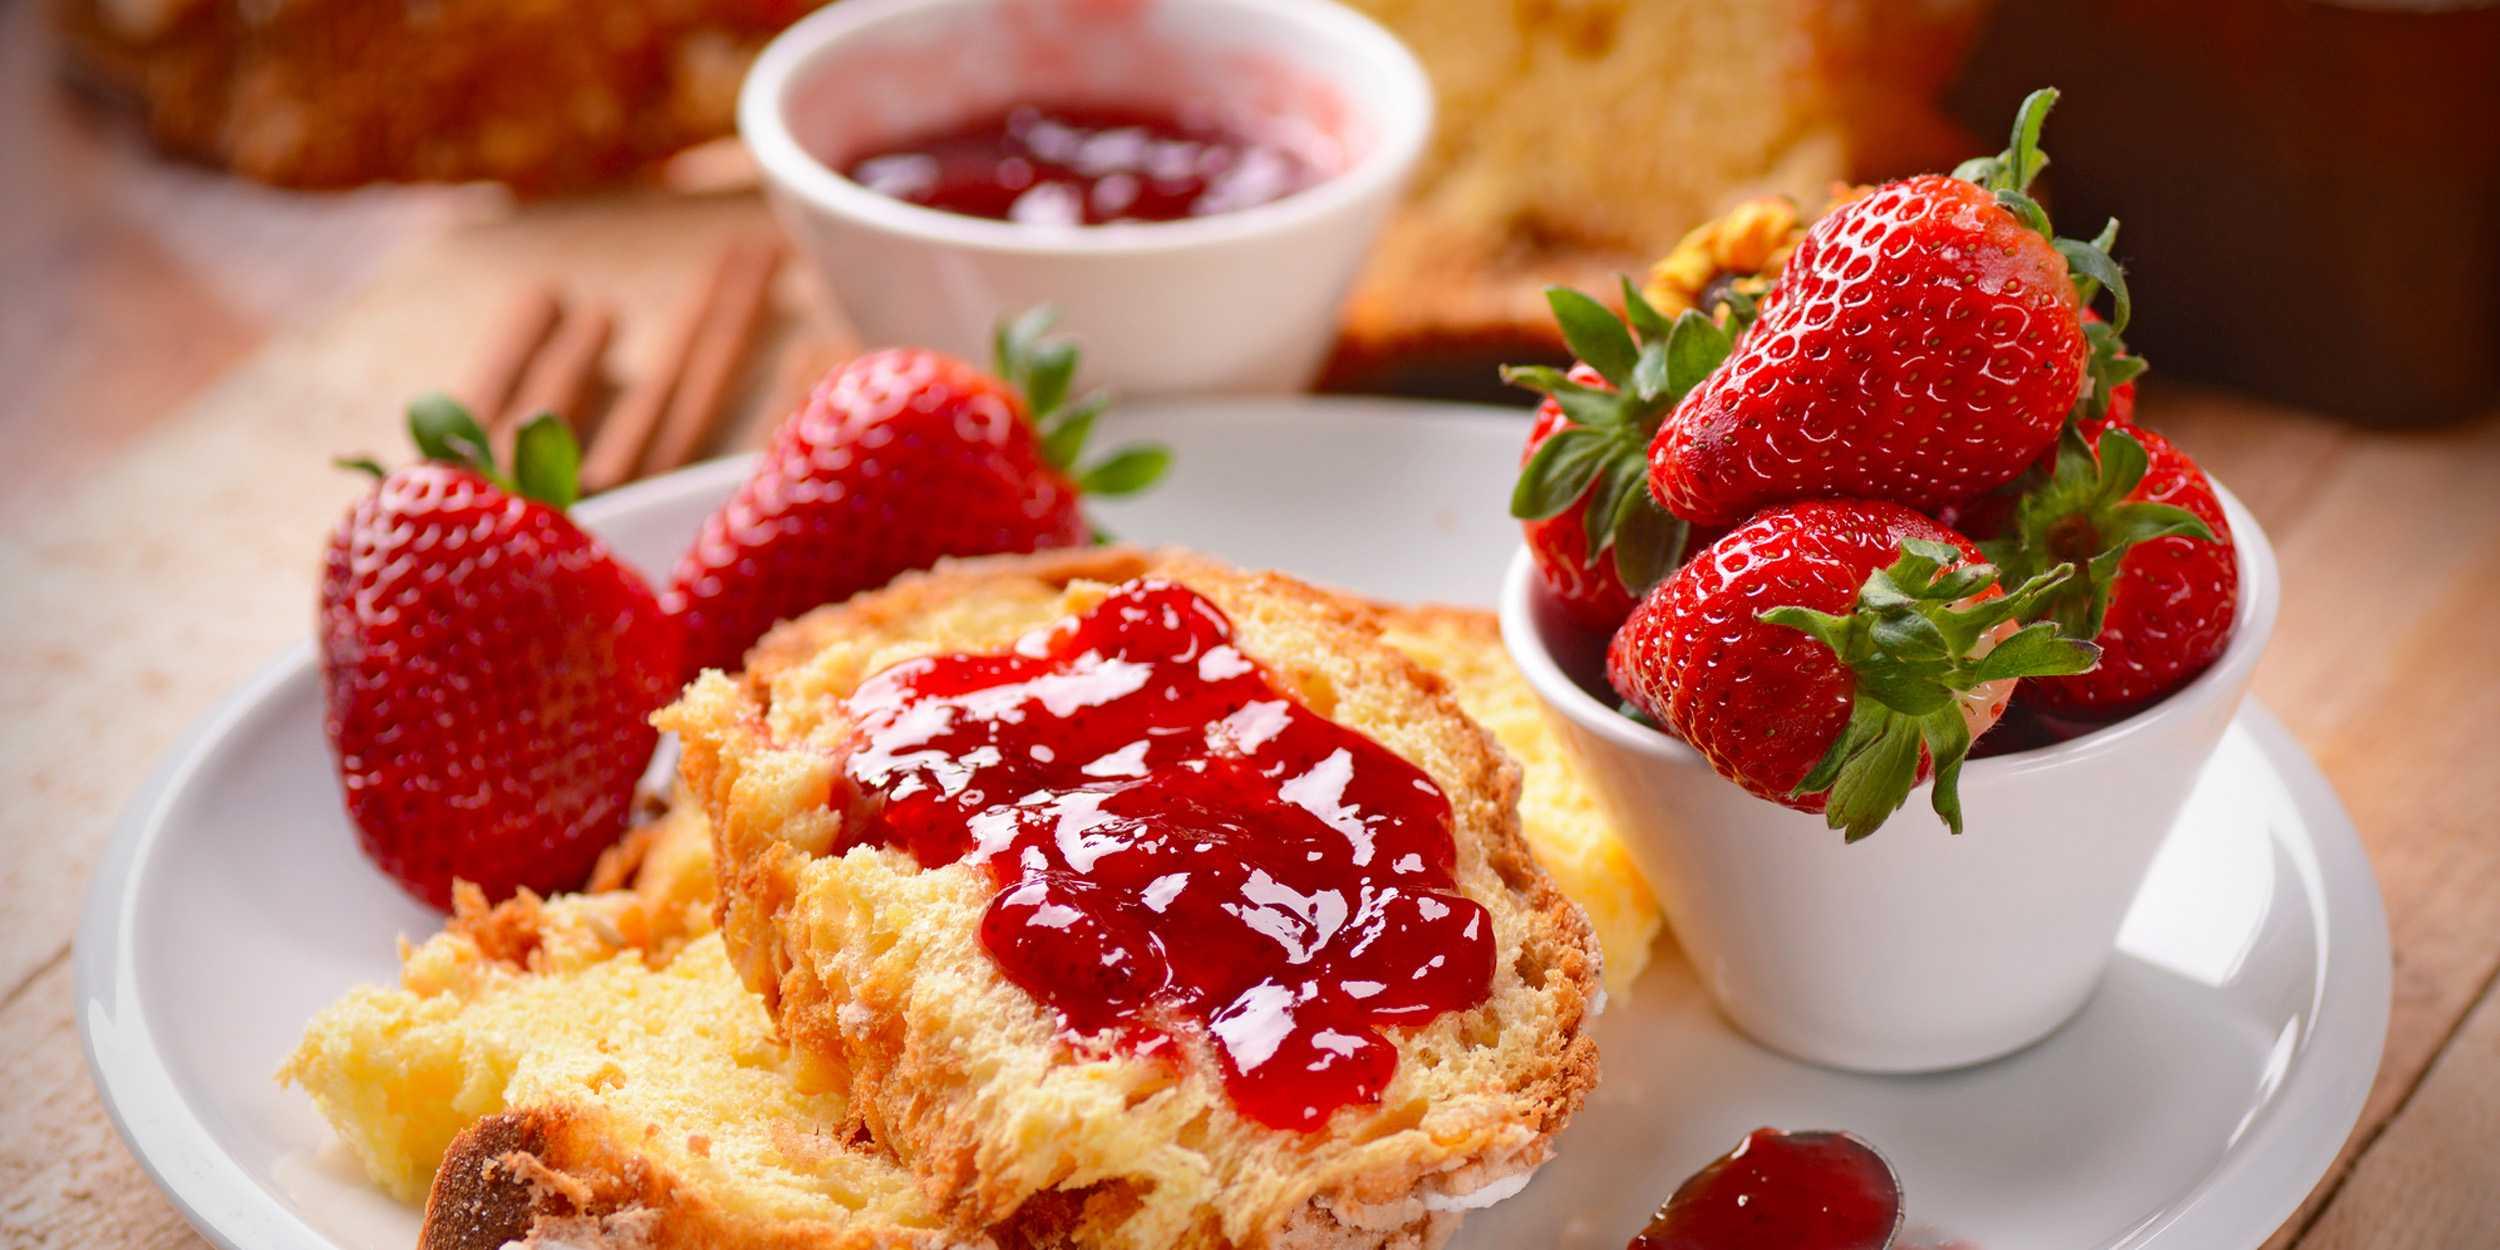 Густое варенье из клубники на зиму: рецепт + фото. Какую клубнику выбрать и как подготовить ягоды к варке. Секреты приготовления.